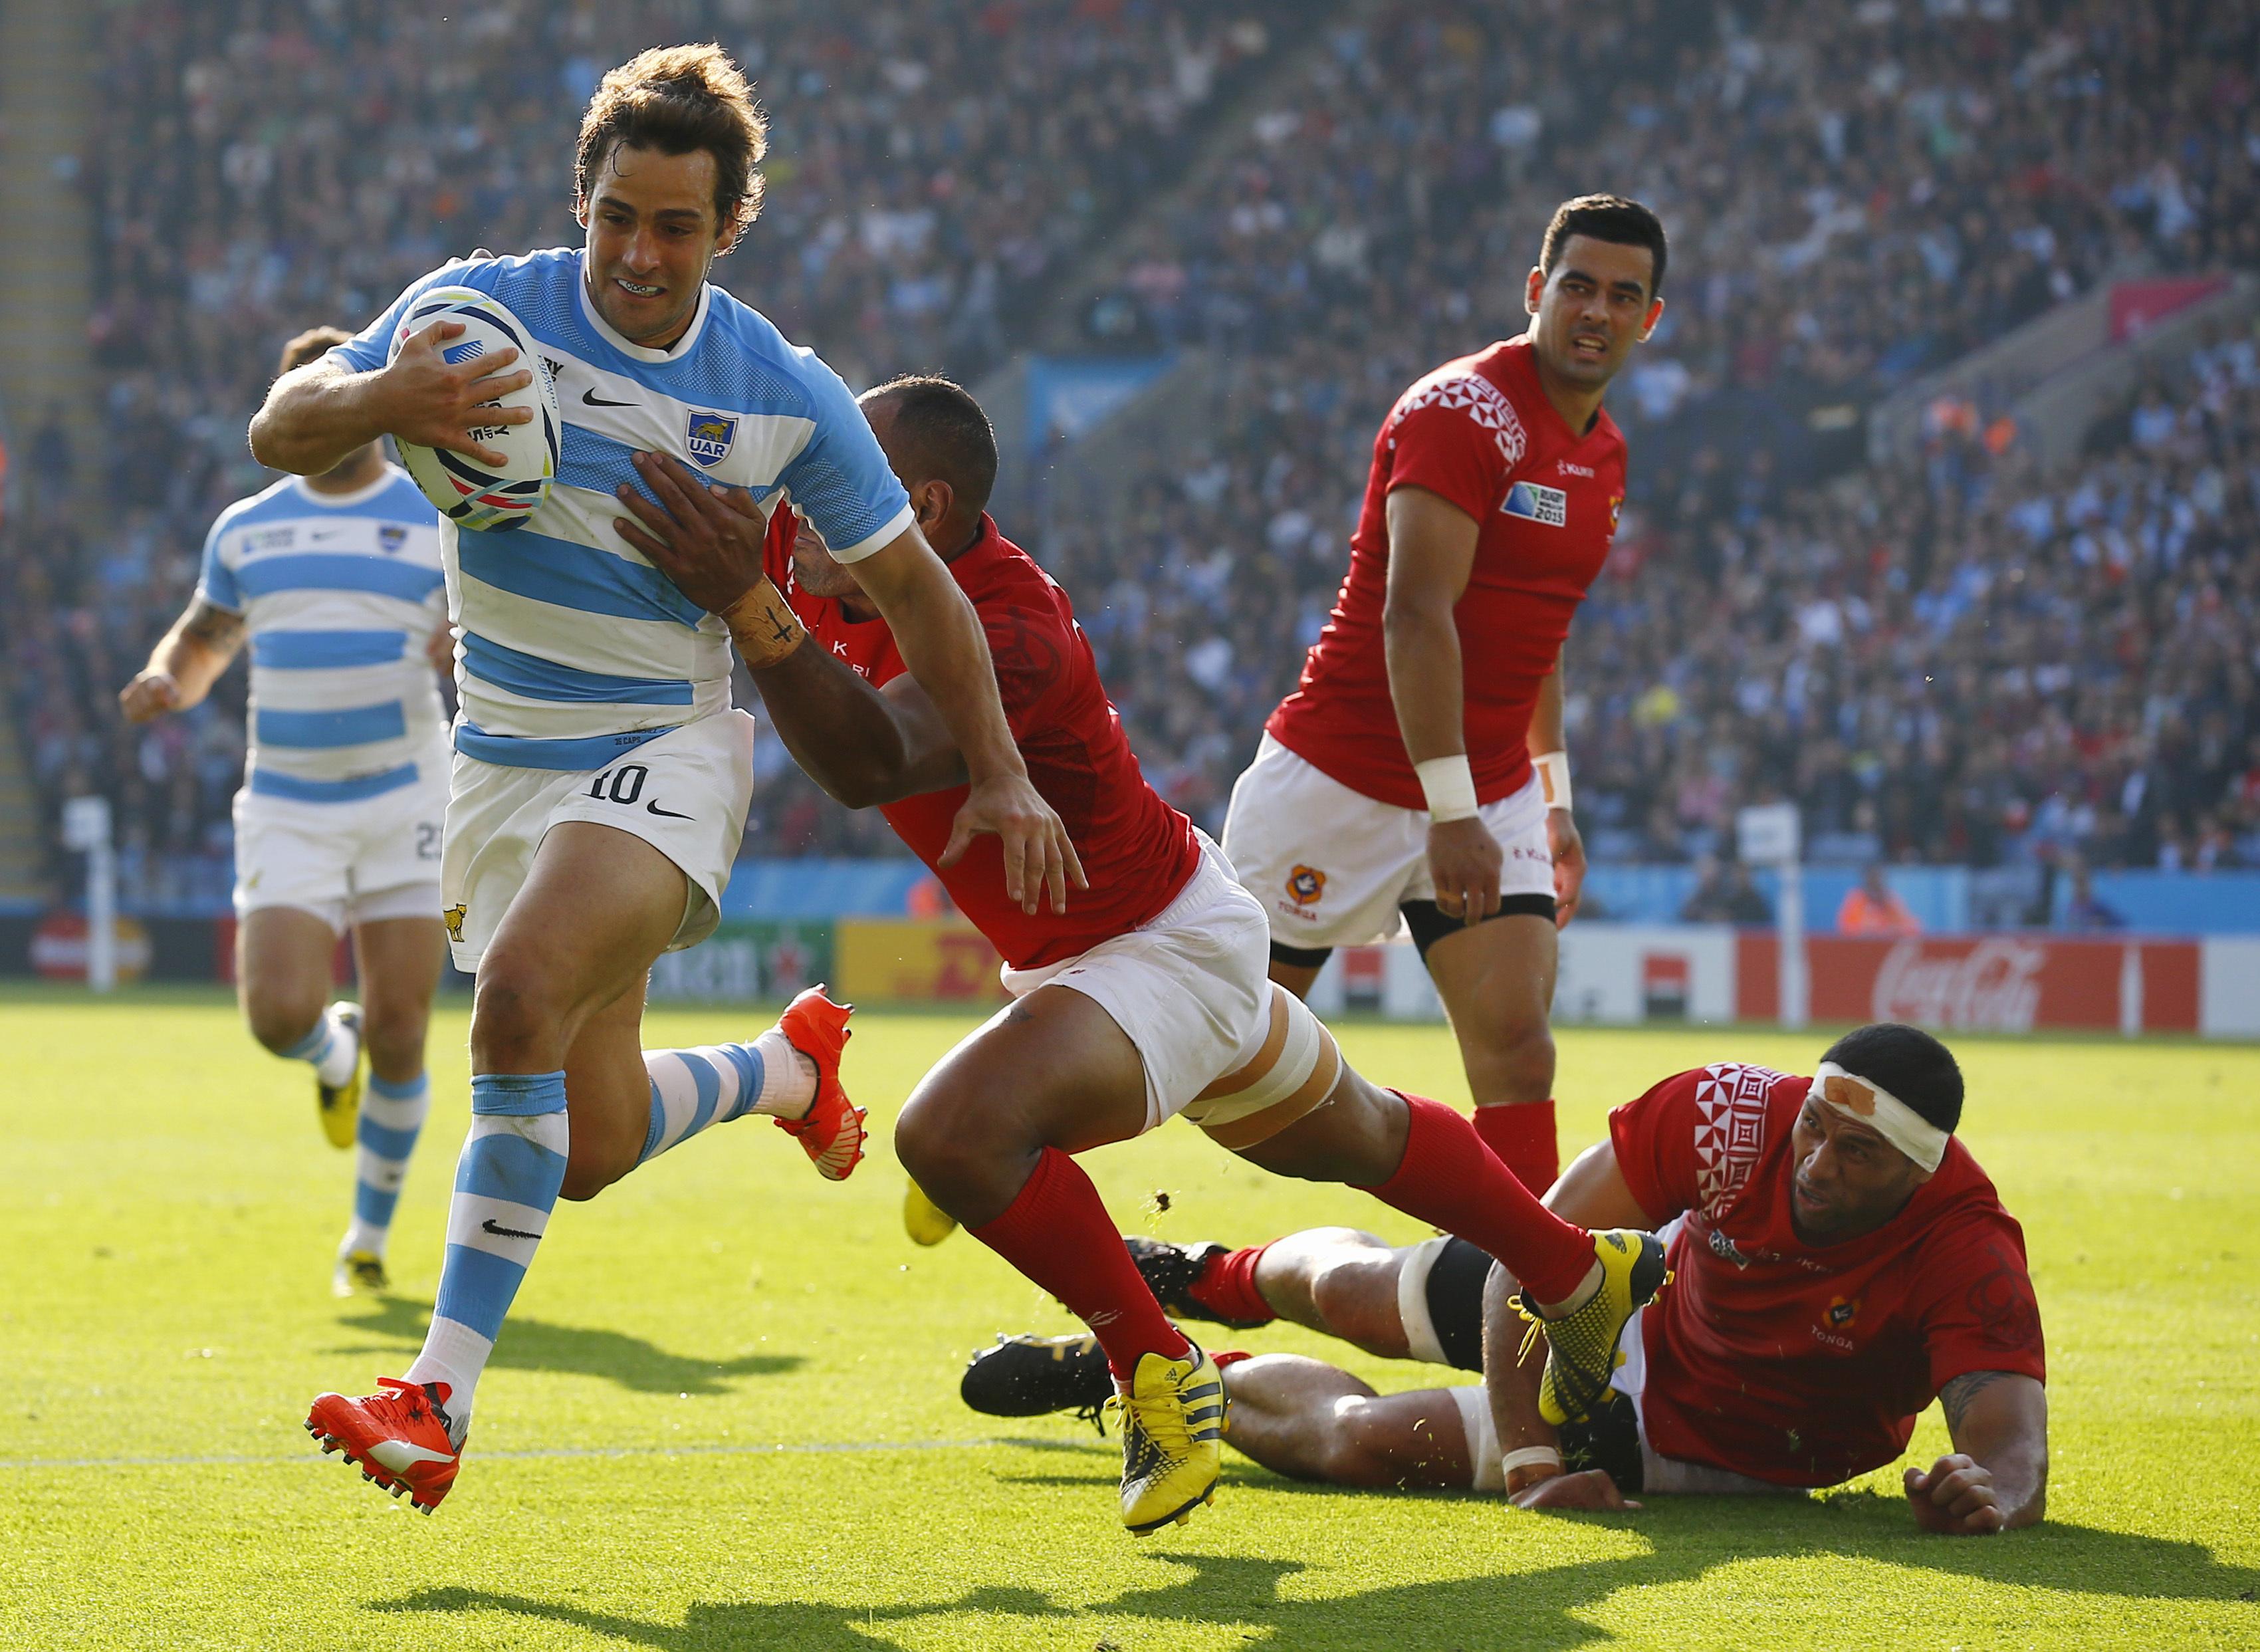 L 39 argentine a un pied en quarts coupe du monde 2015 rugby - Resultats coupe du monde 2015 rugby ...